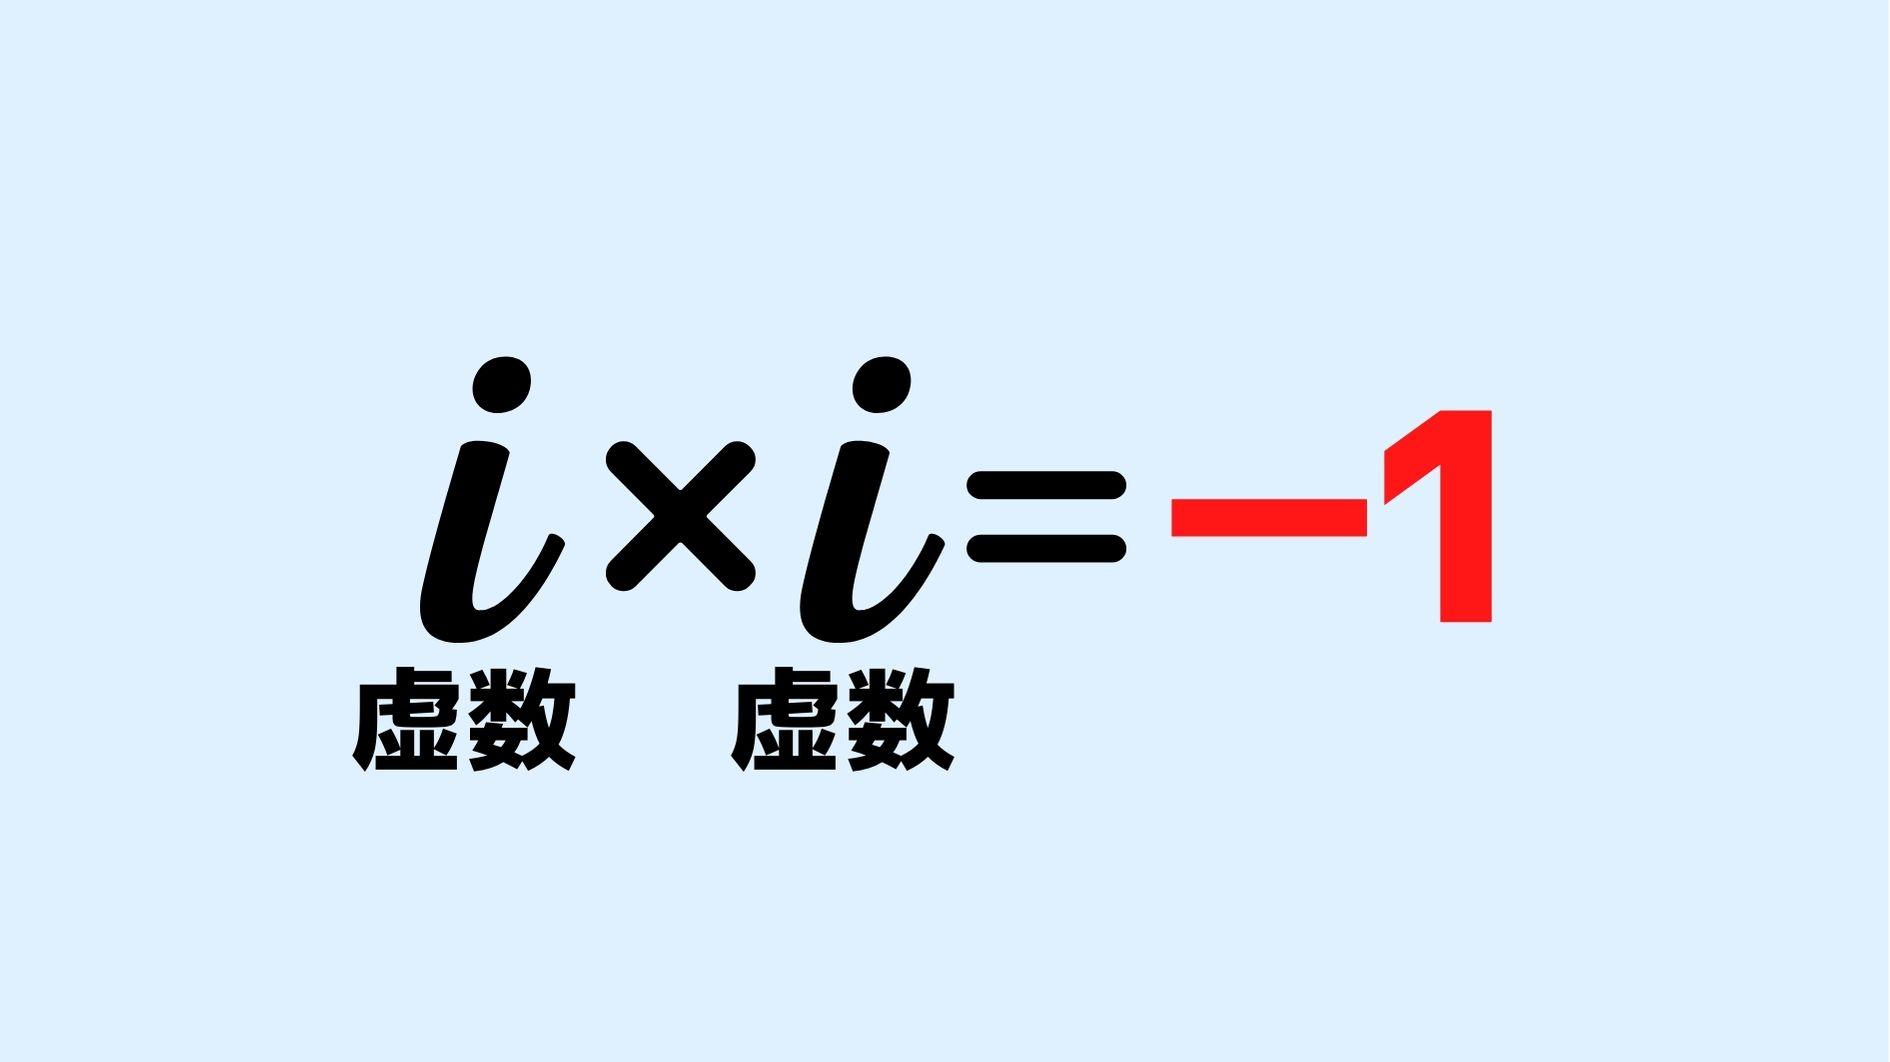 虚数を観測することに成功! 量子力学における虚数情報の資源化